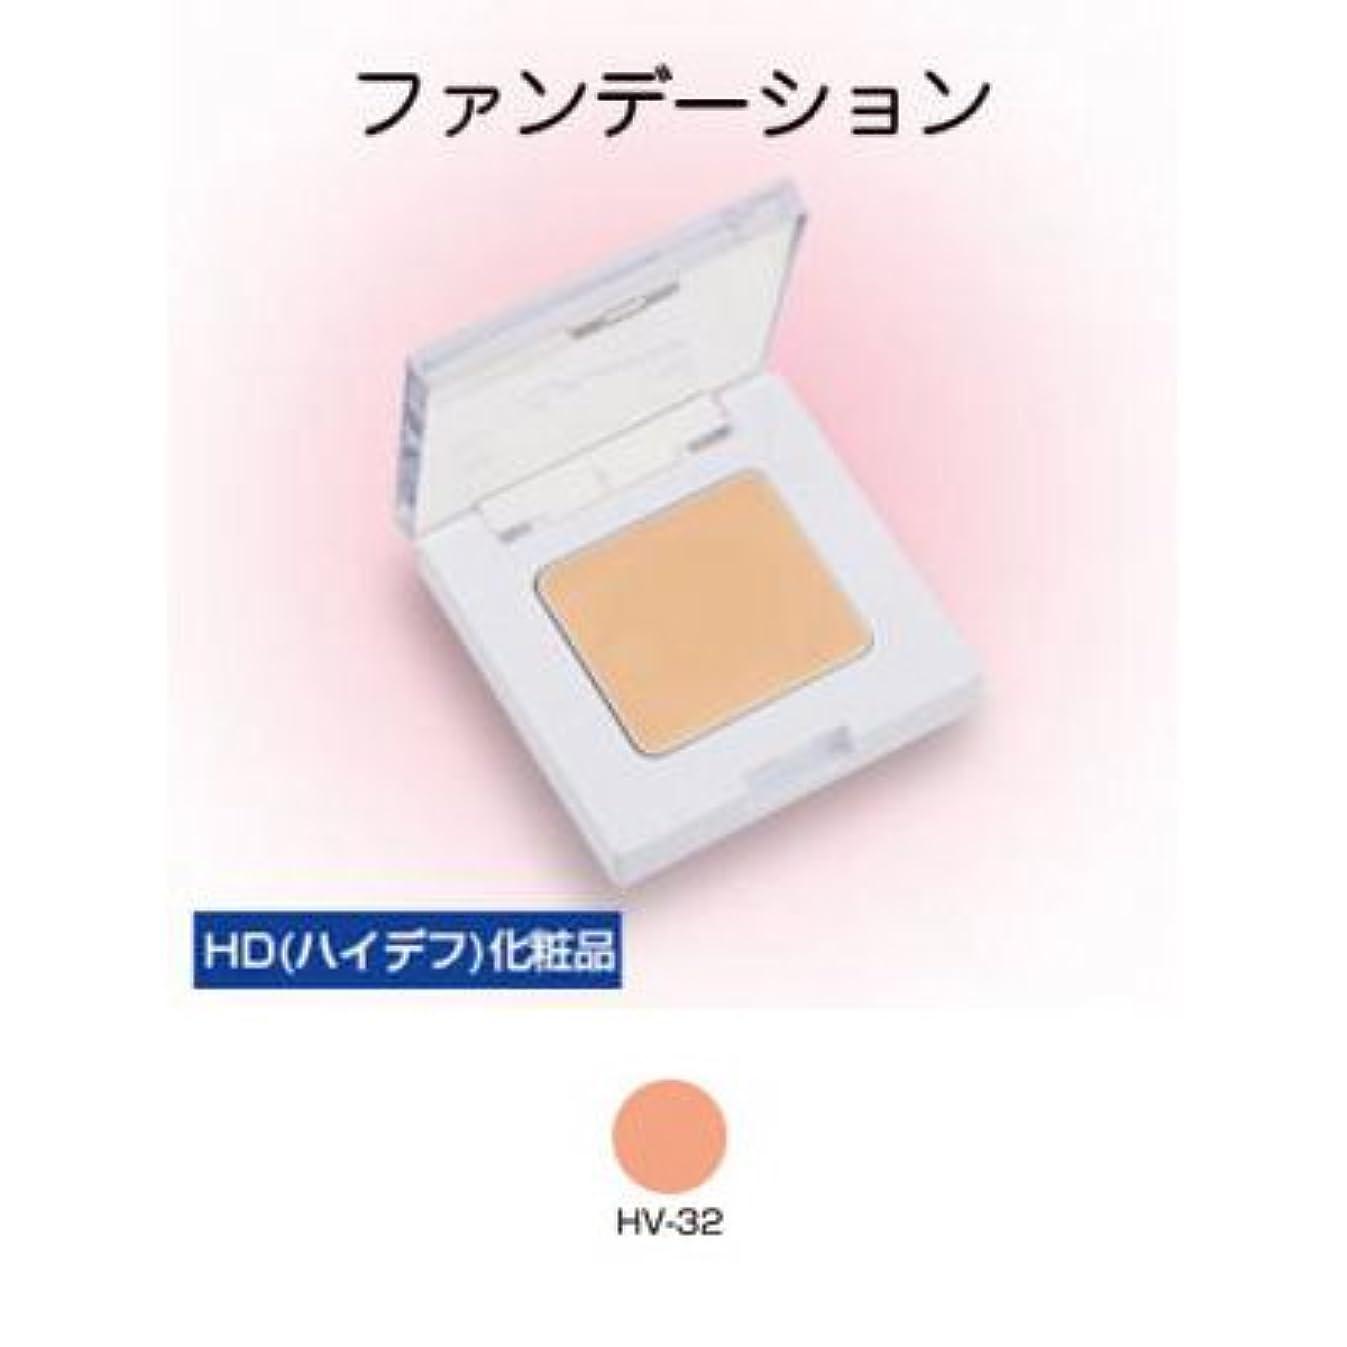 キリマンジャロ郵便物地区シャレナ カバーファンデーション ミニ HV-32 【三善】